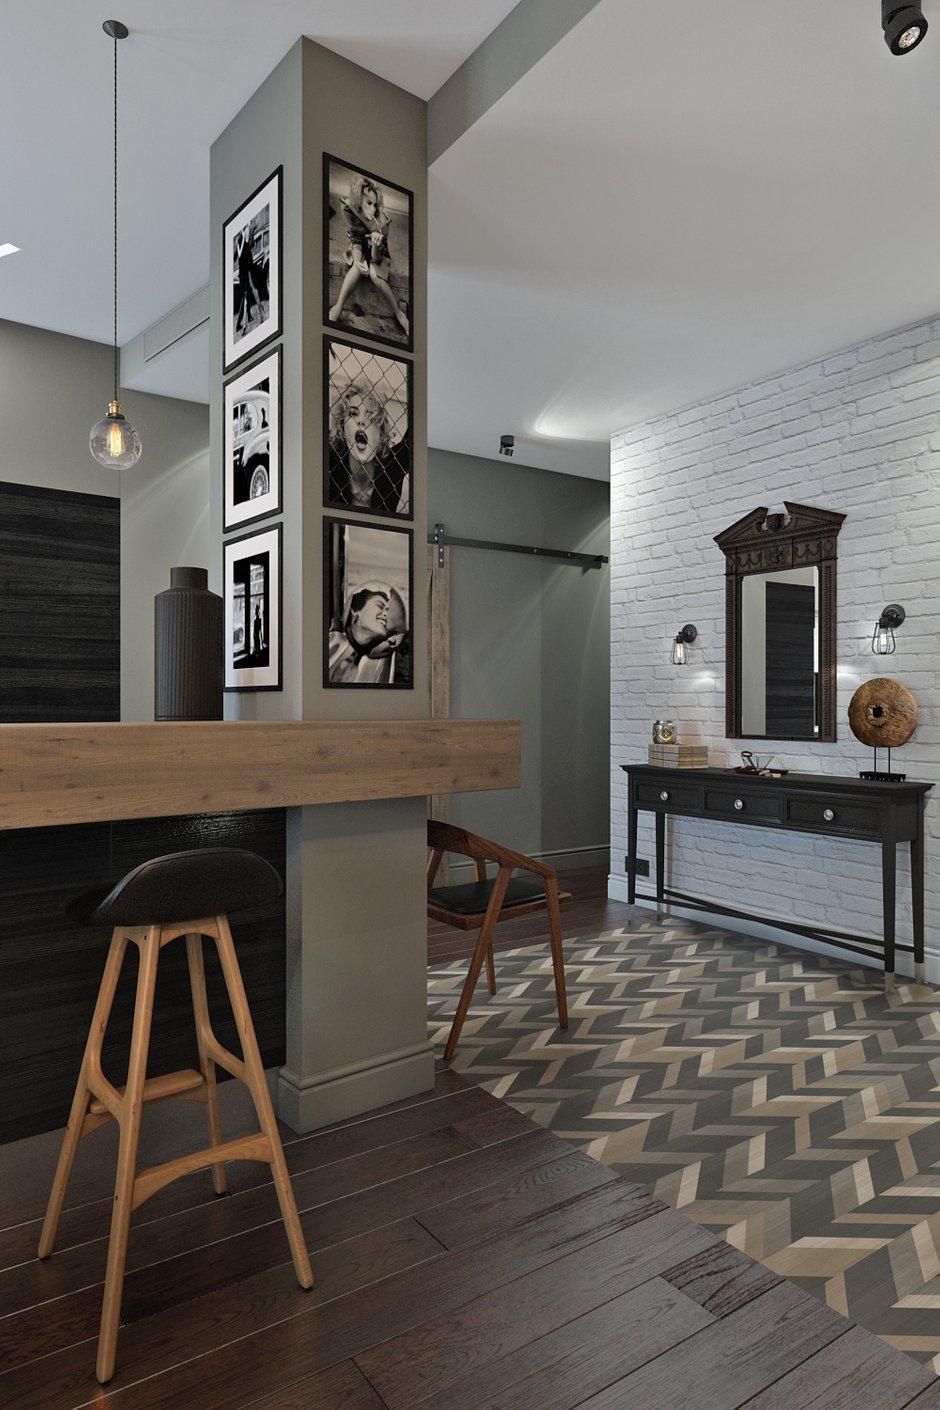 Фотография: Прихожая в стиле Лофт, Квартира, Проект недели, Москва, Диана Мальцева, новостройка, Монолитный дом, 2 комнаты, 60-90 метров – фото на INMYROOM